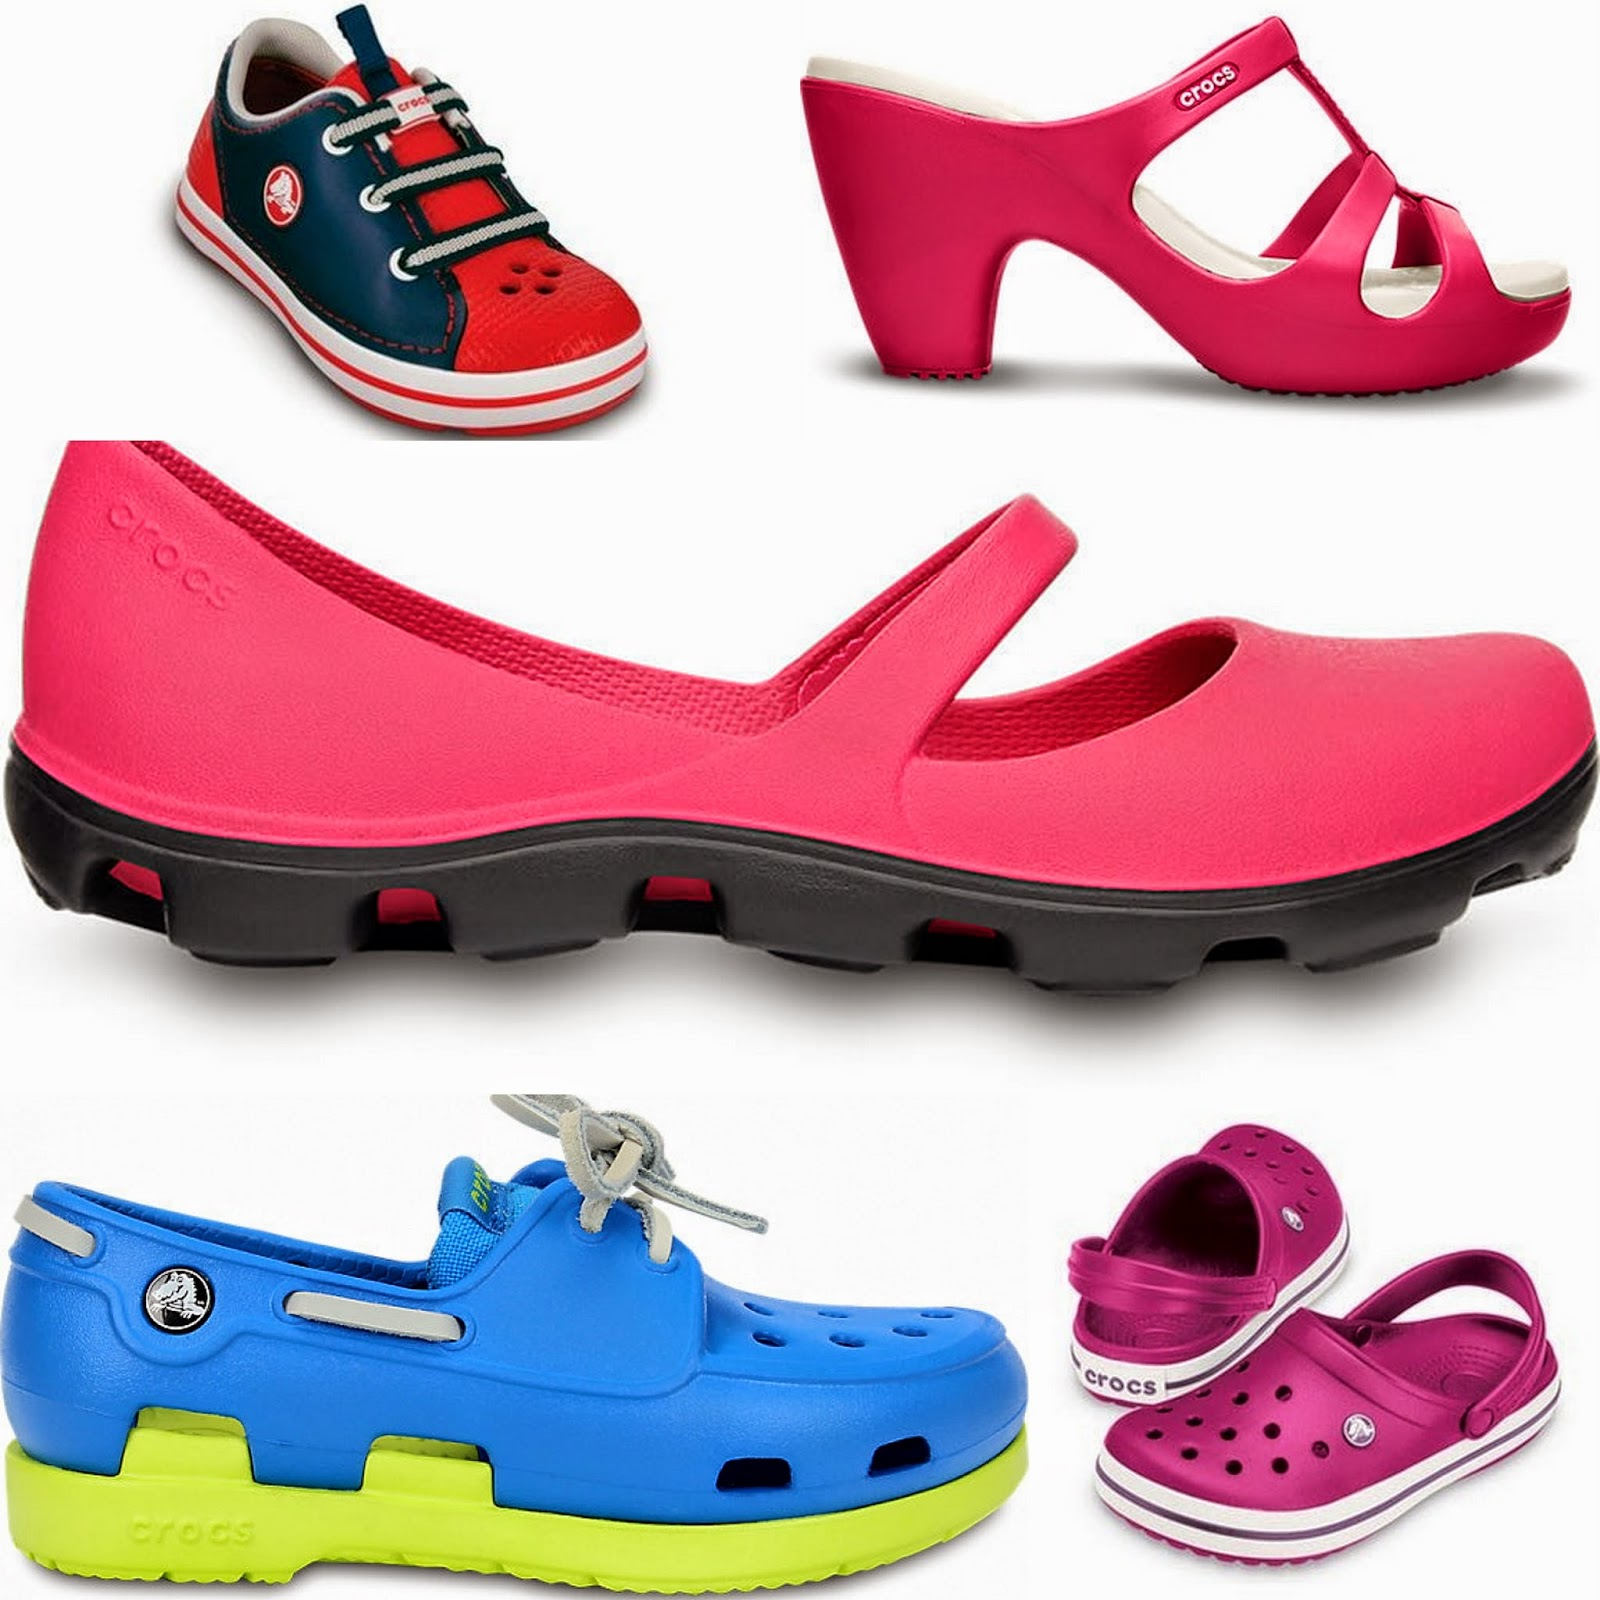 bc724597efd74 Crocs es una marca con 12 años en el mercado y una gran variedad de zapatos  para hombres